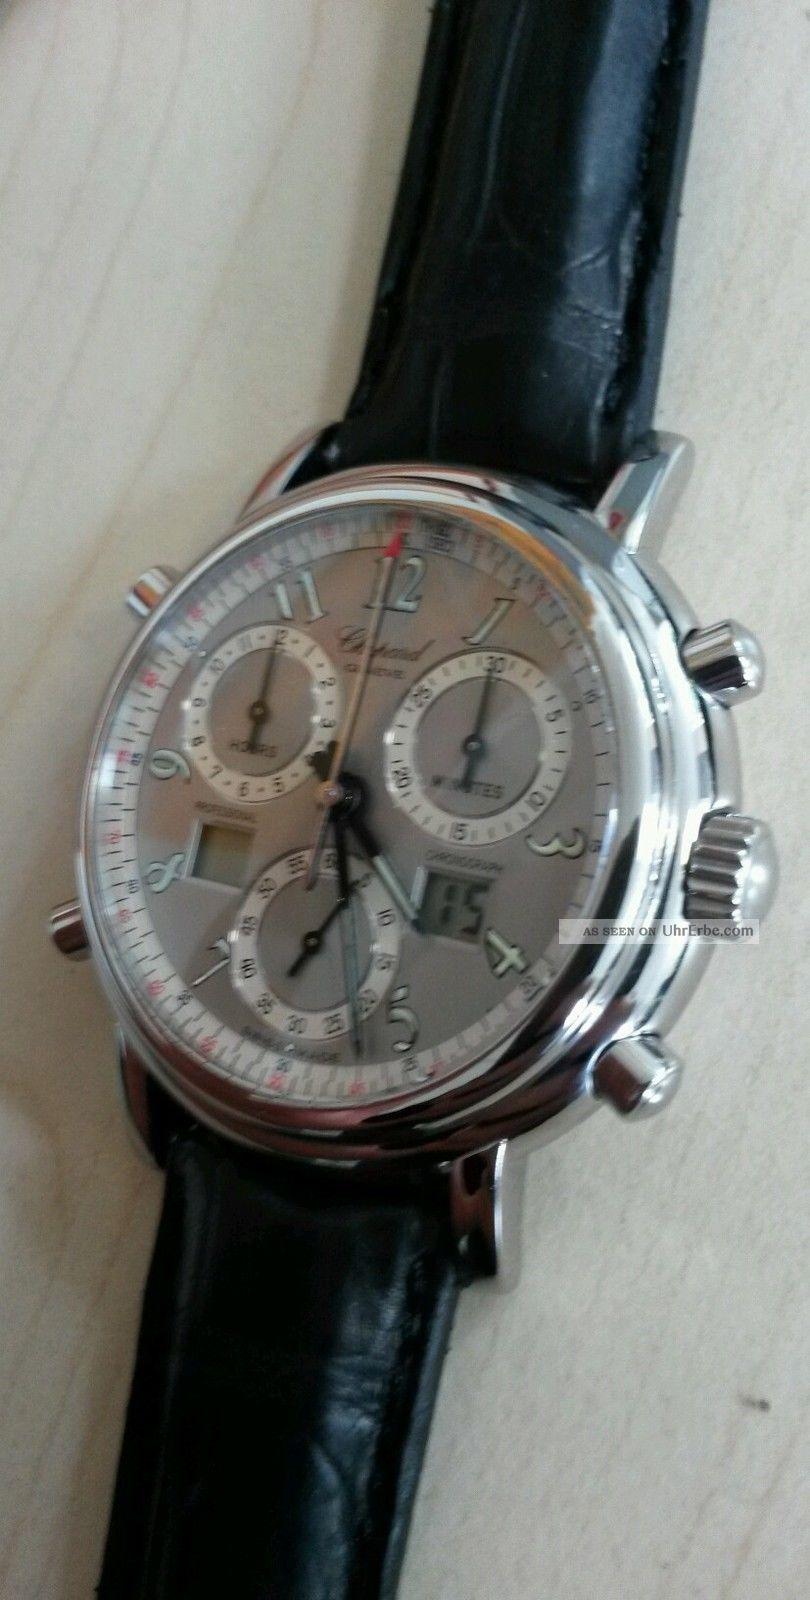 Chopard Mille Miglia Armbanduhren Bild